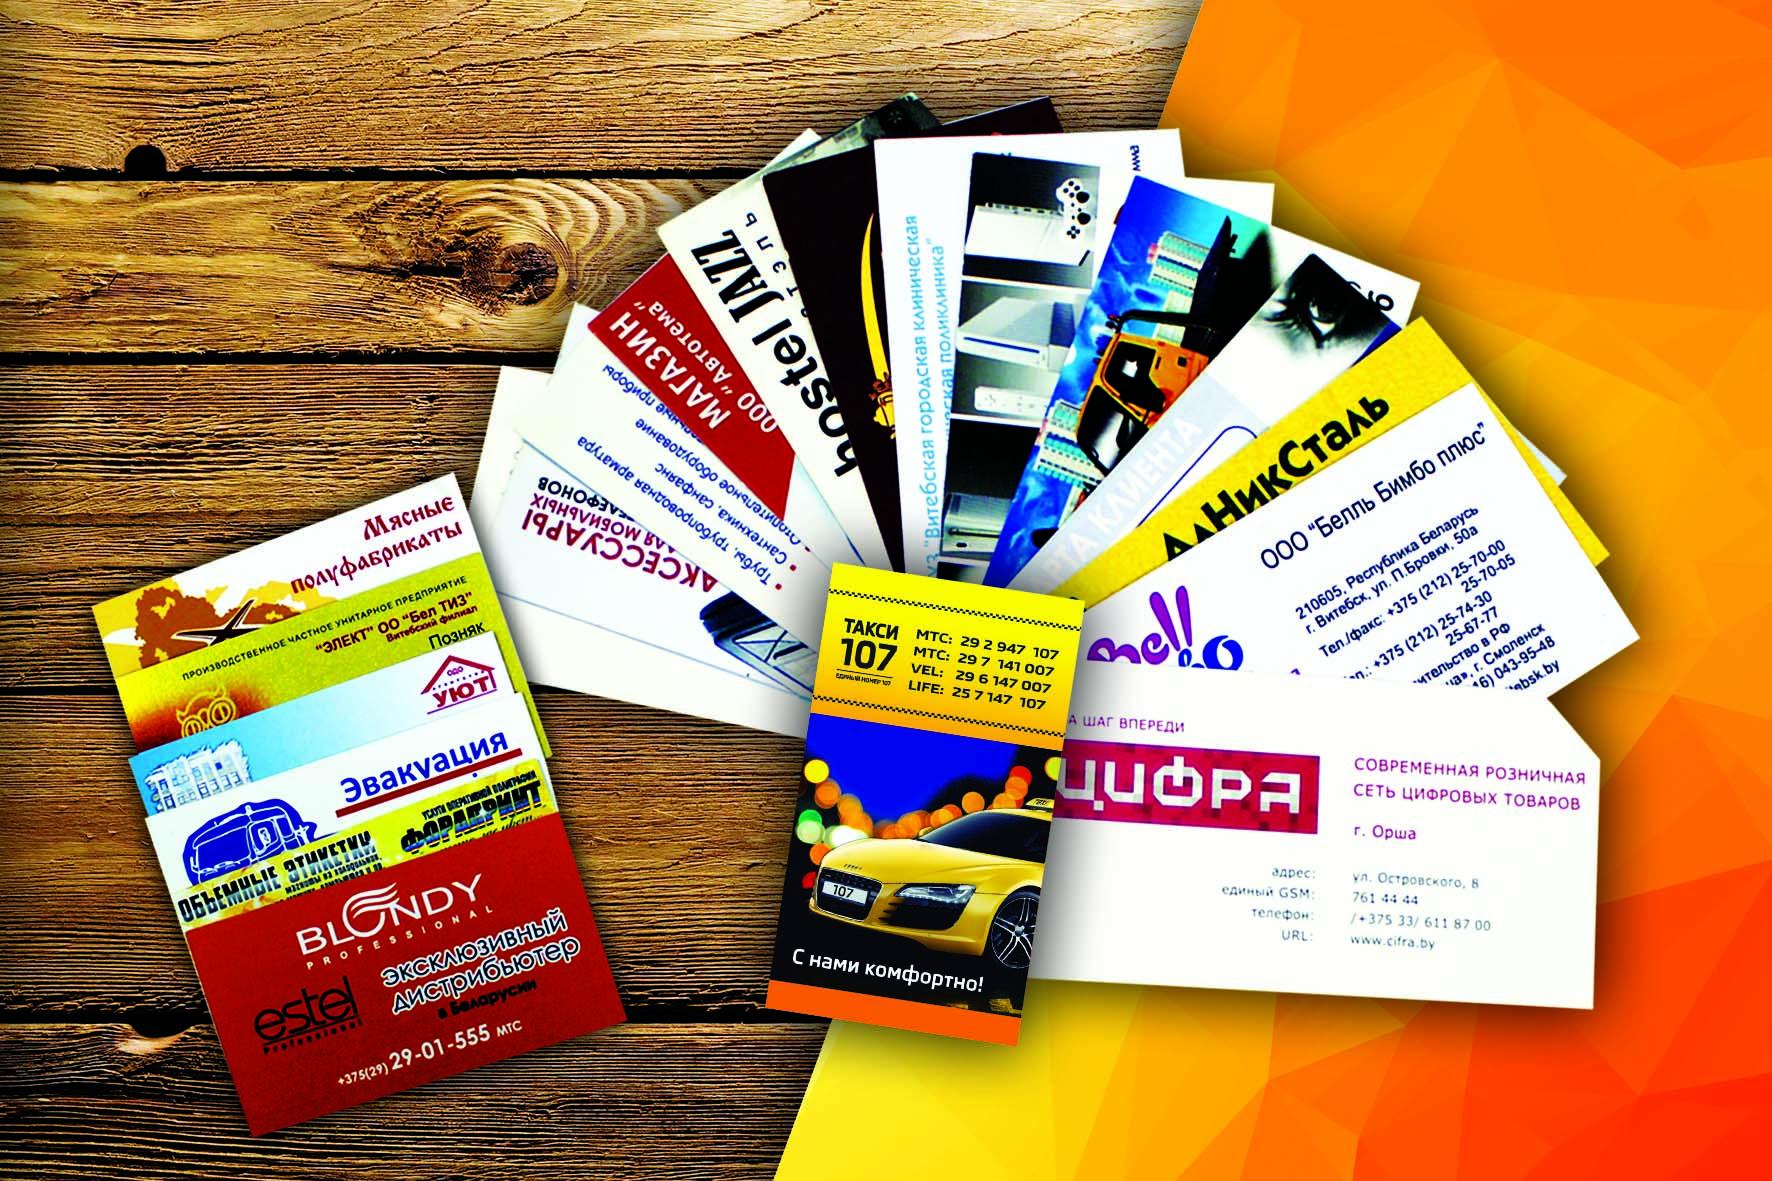 визитки качества открытки окраине